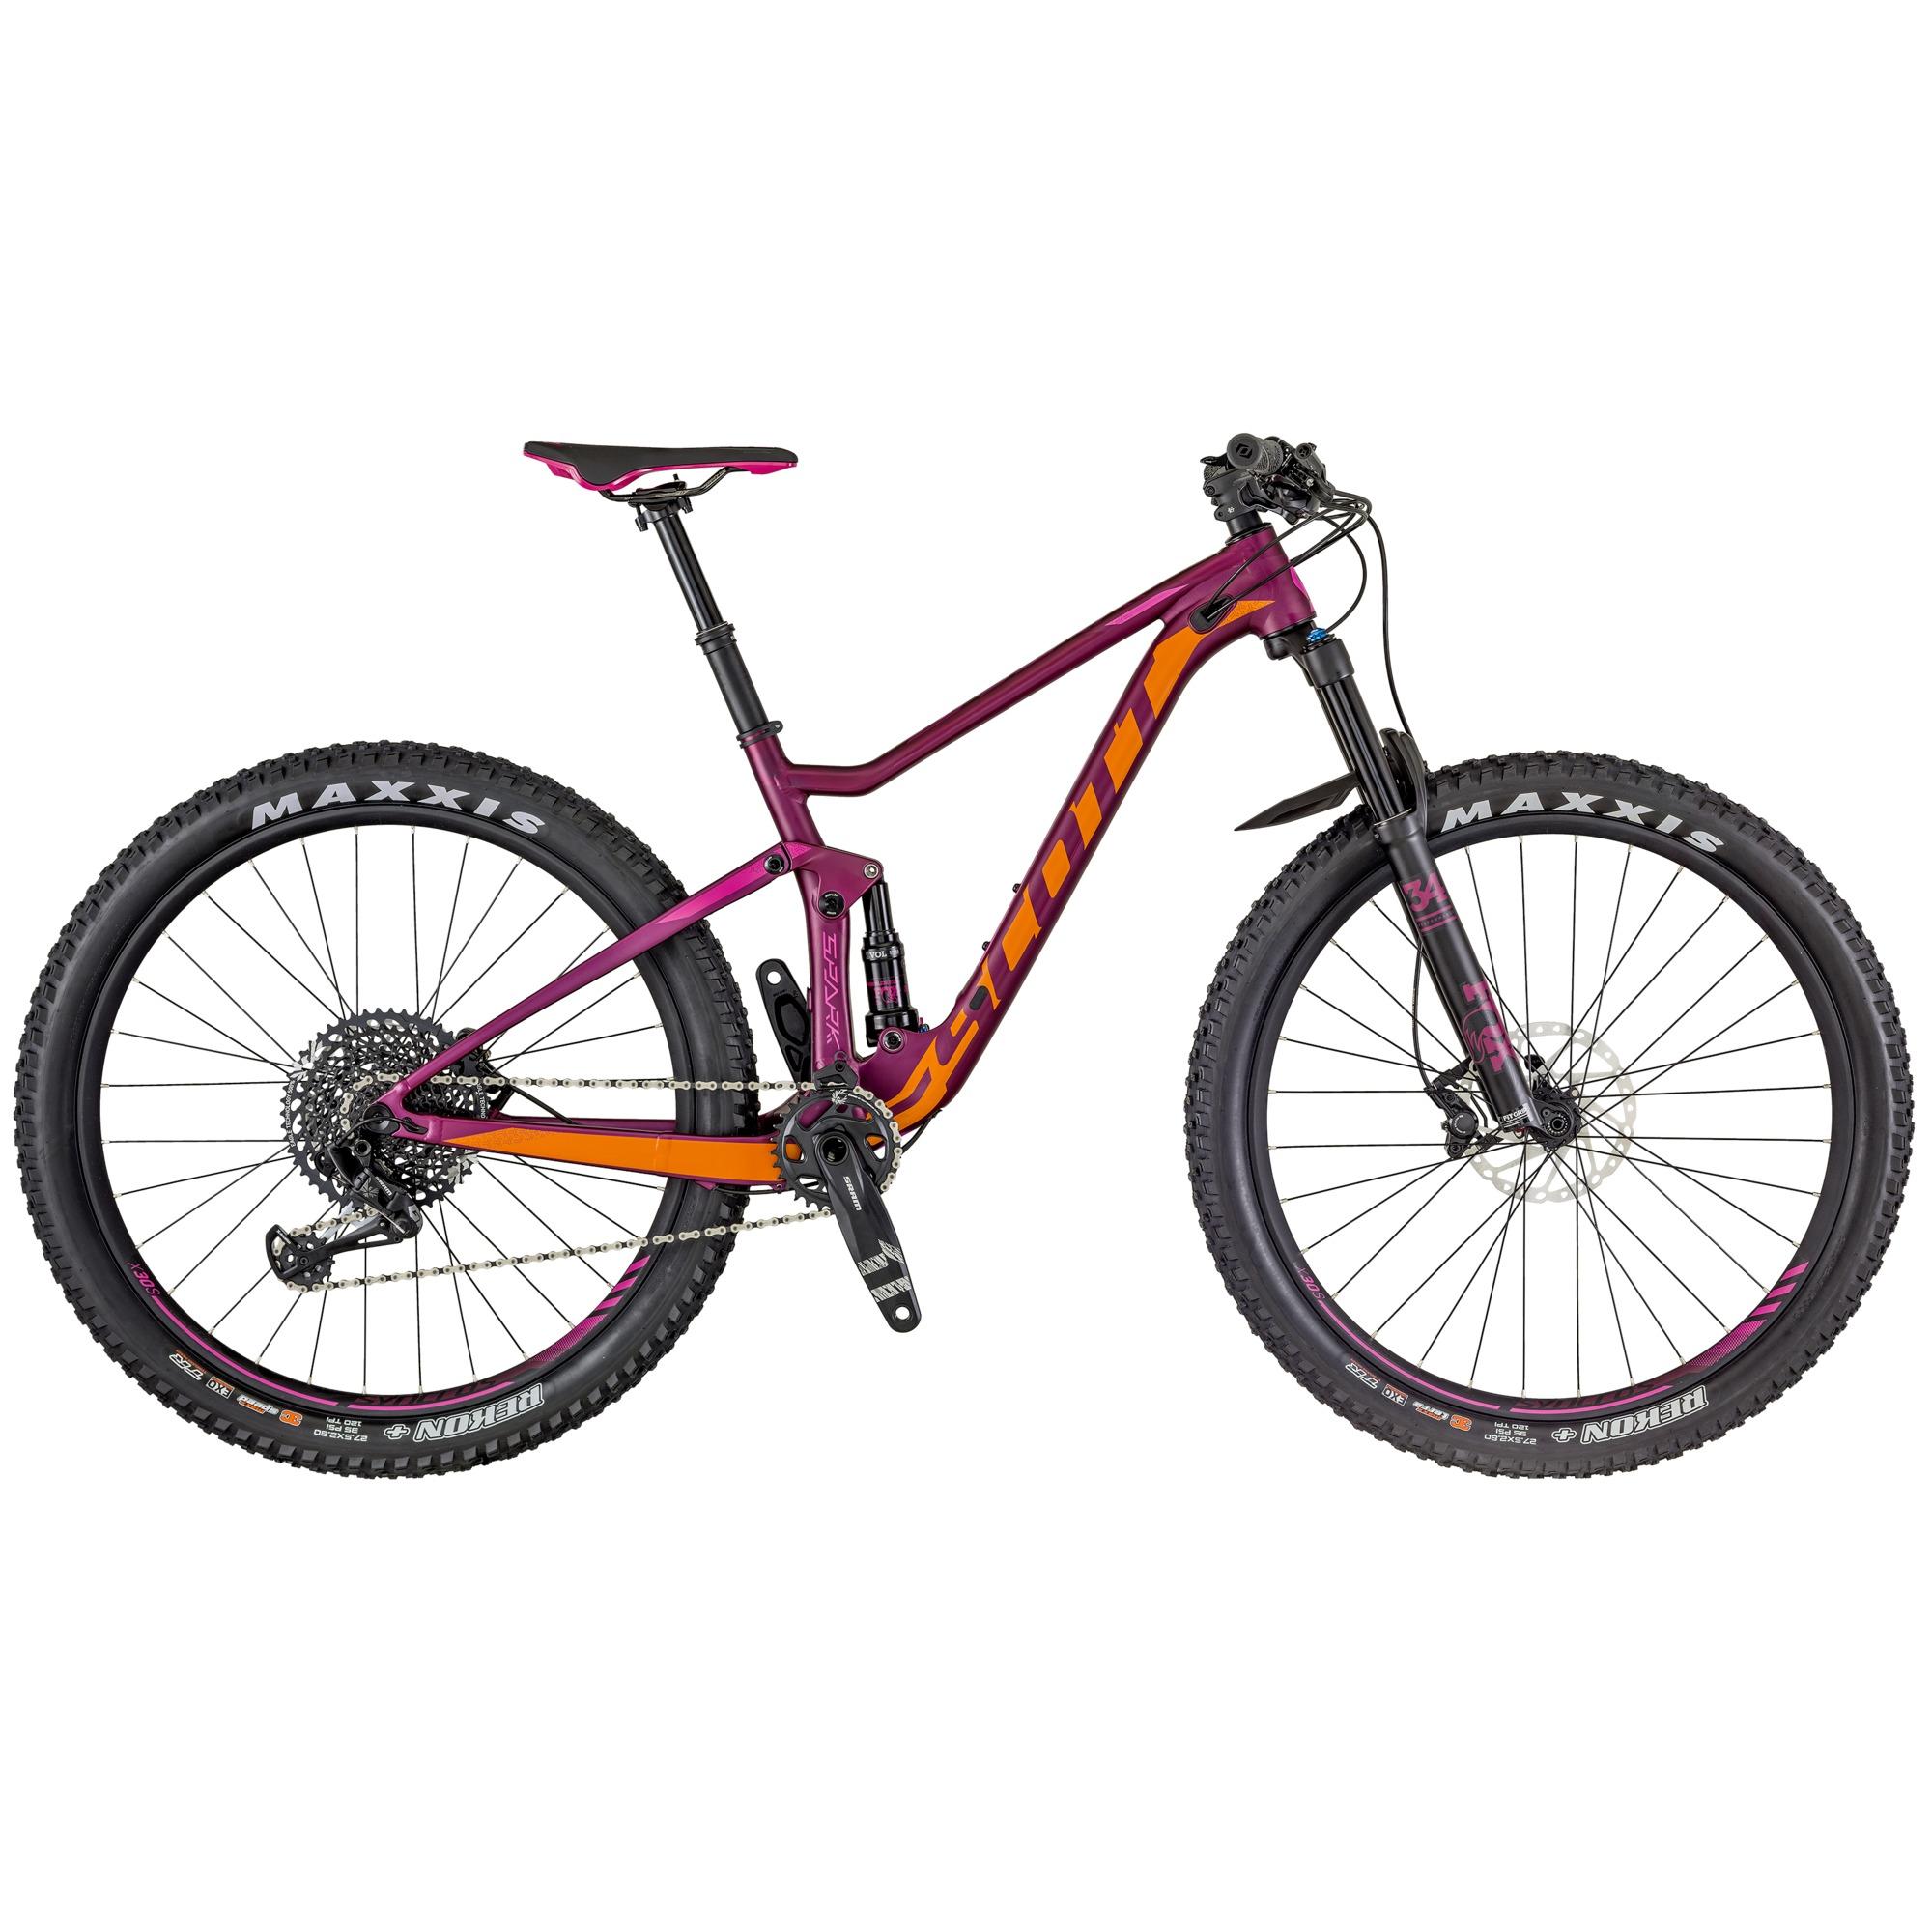 SCOTT Contessa Spark 710 Bike L - Rad & Dämpferklinik GmbH